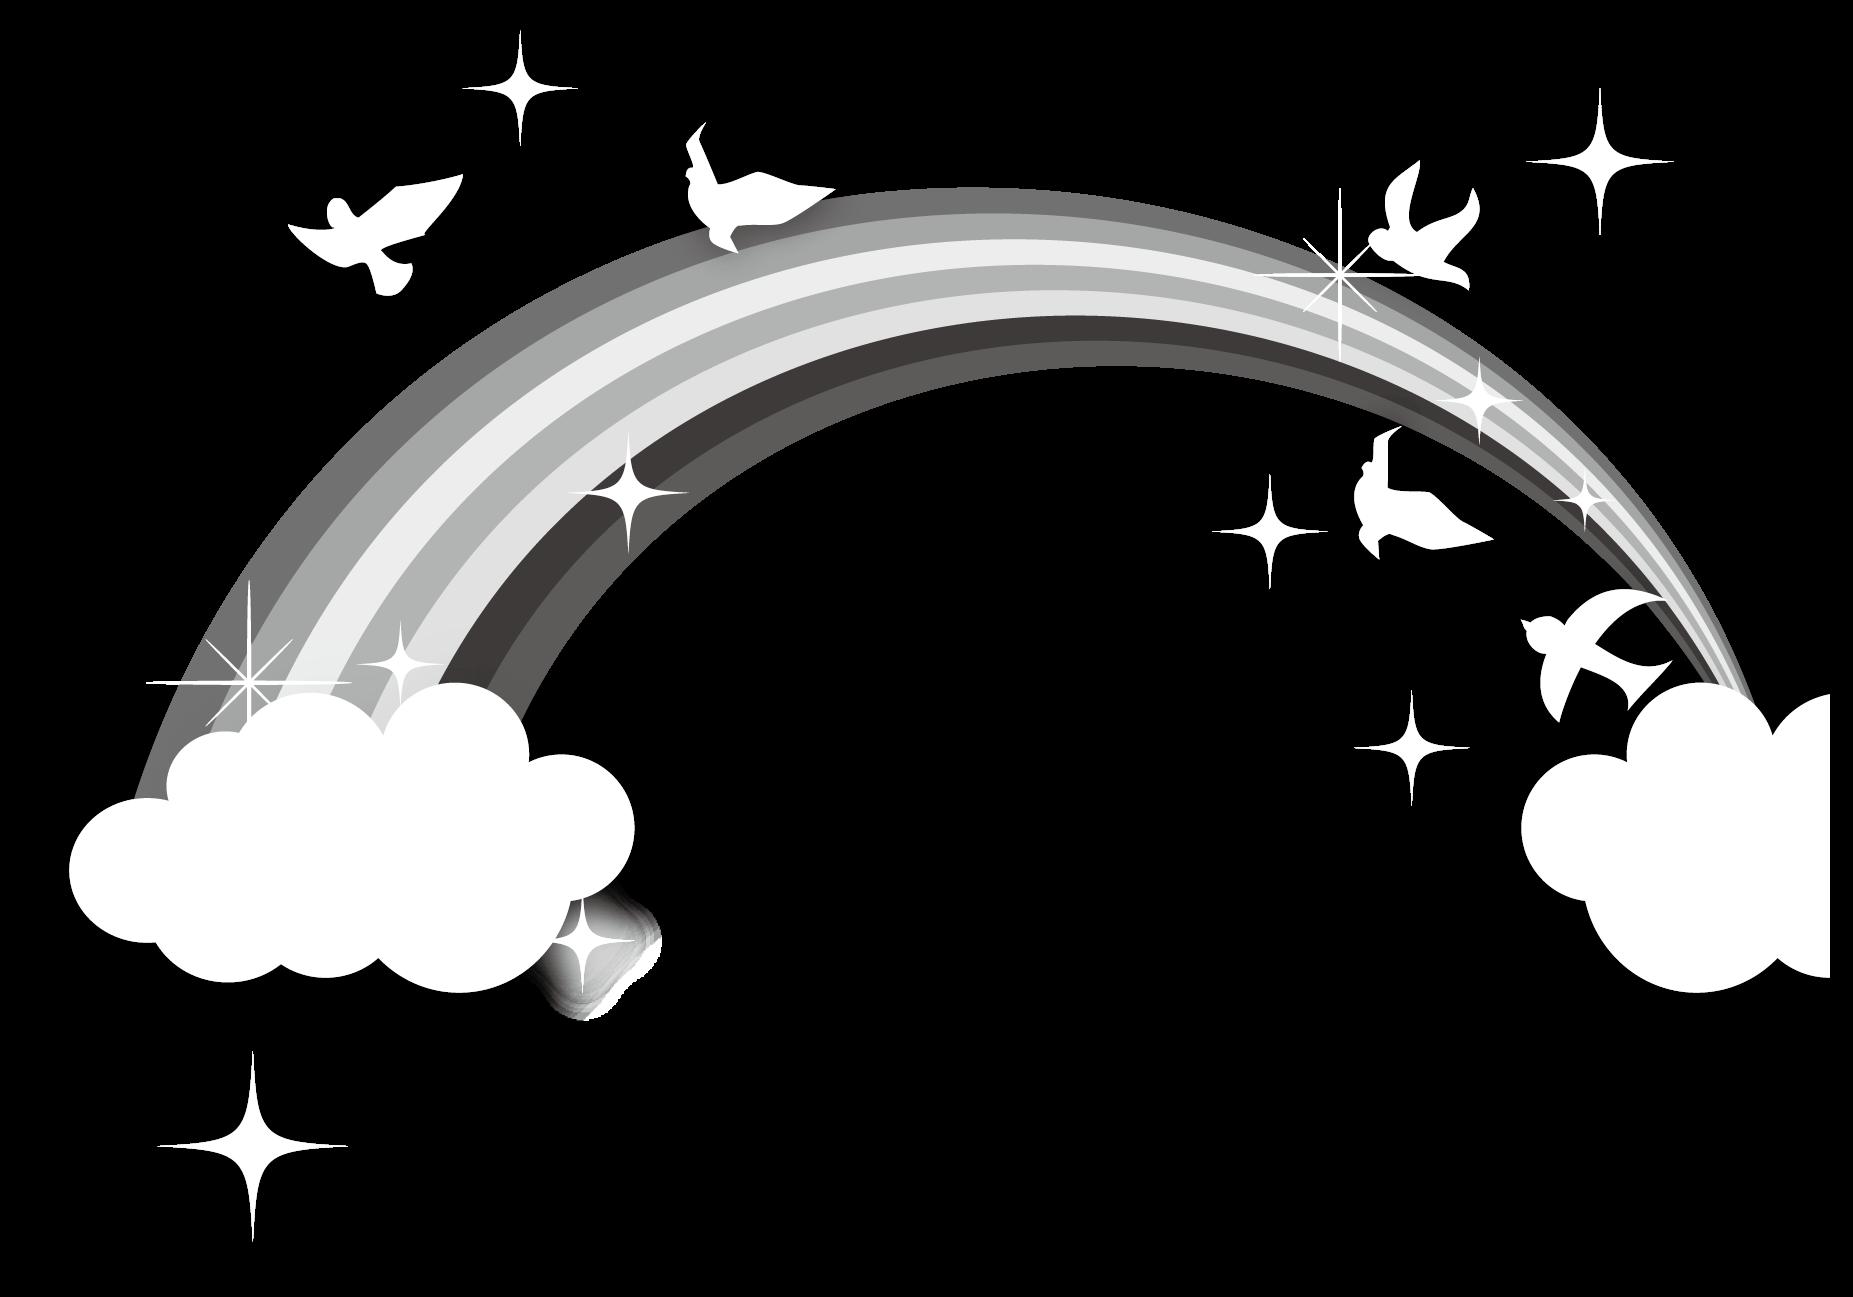 虹と鳥イラスト(白黒)